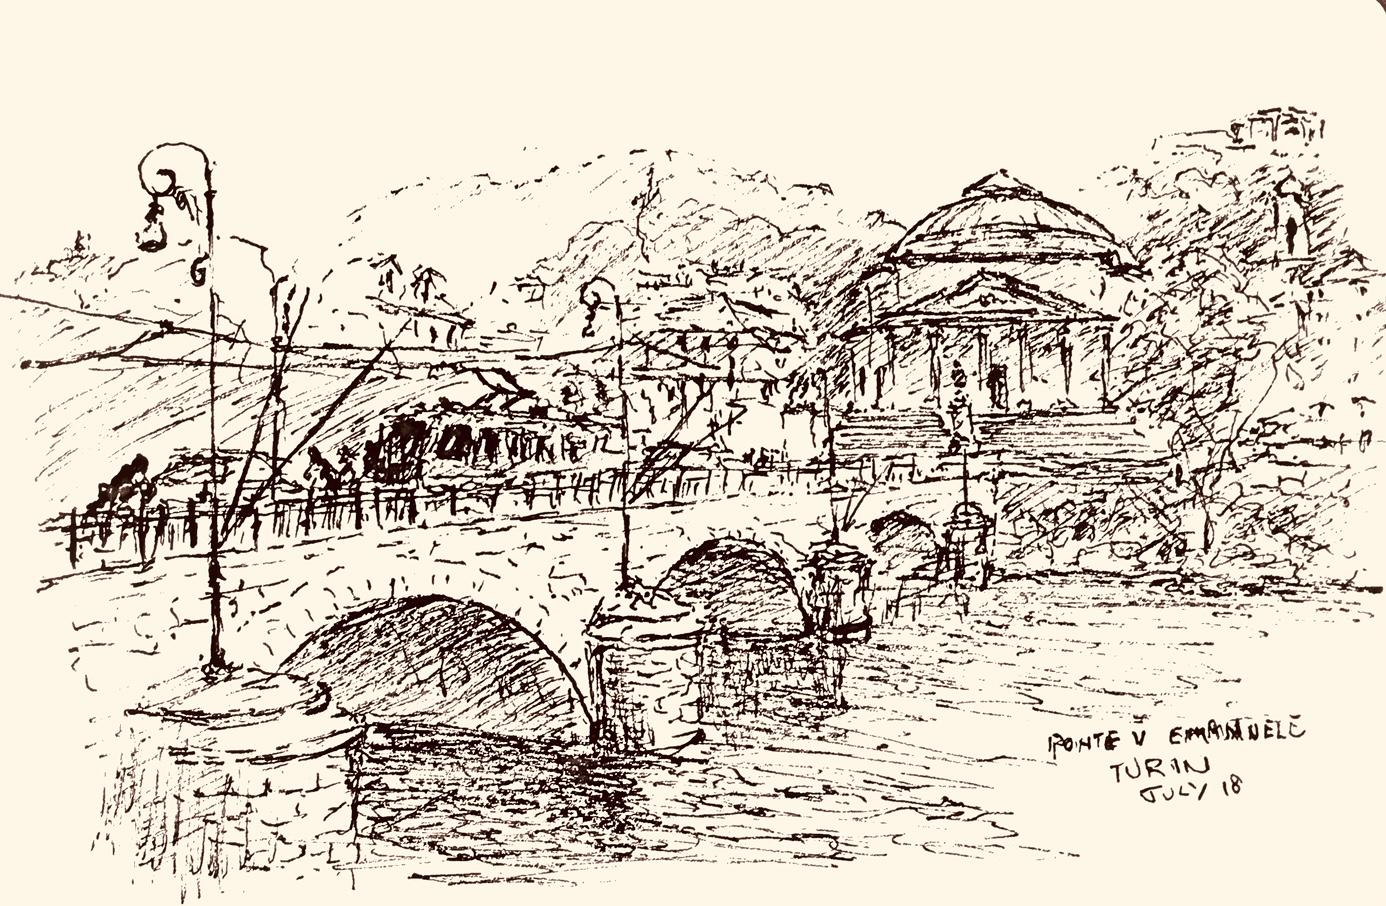 Ponte Emanuelle II Turin